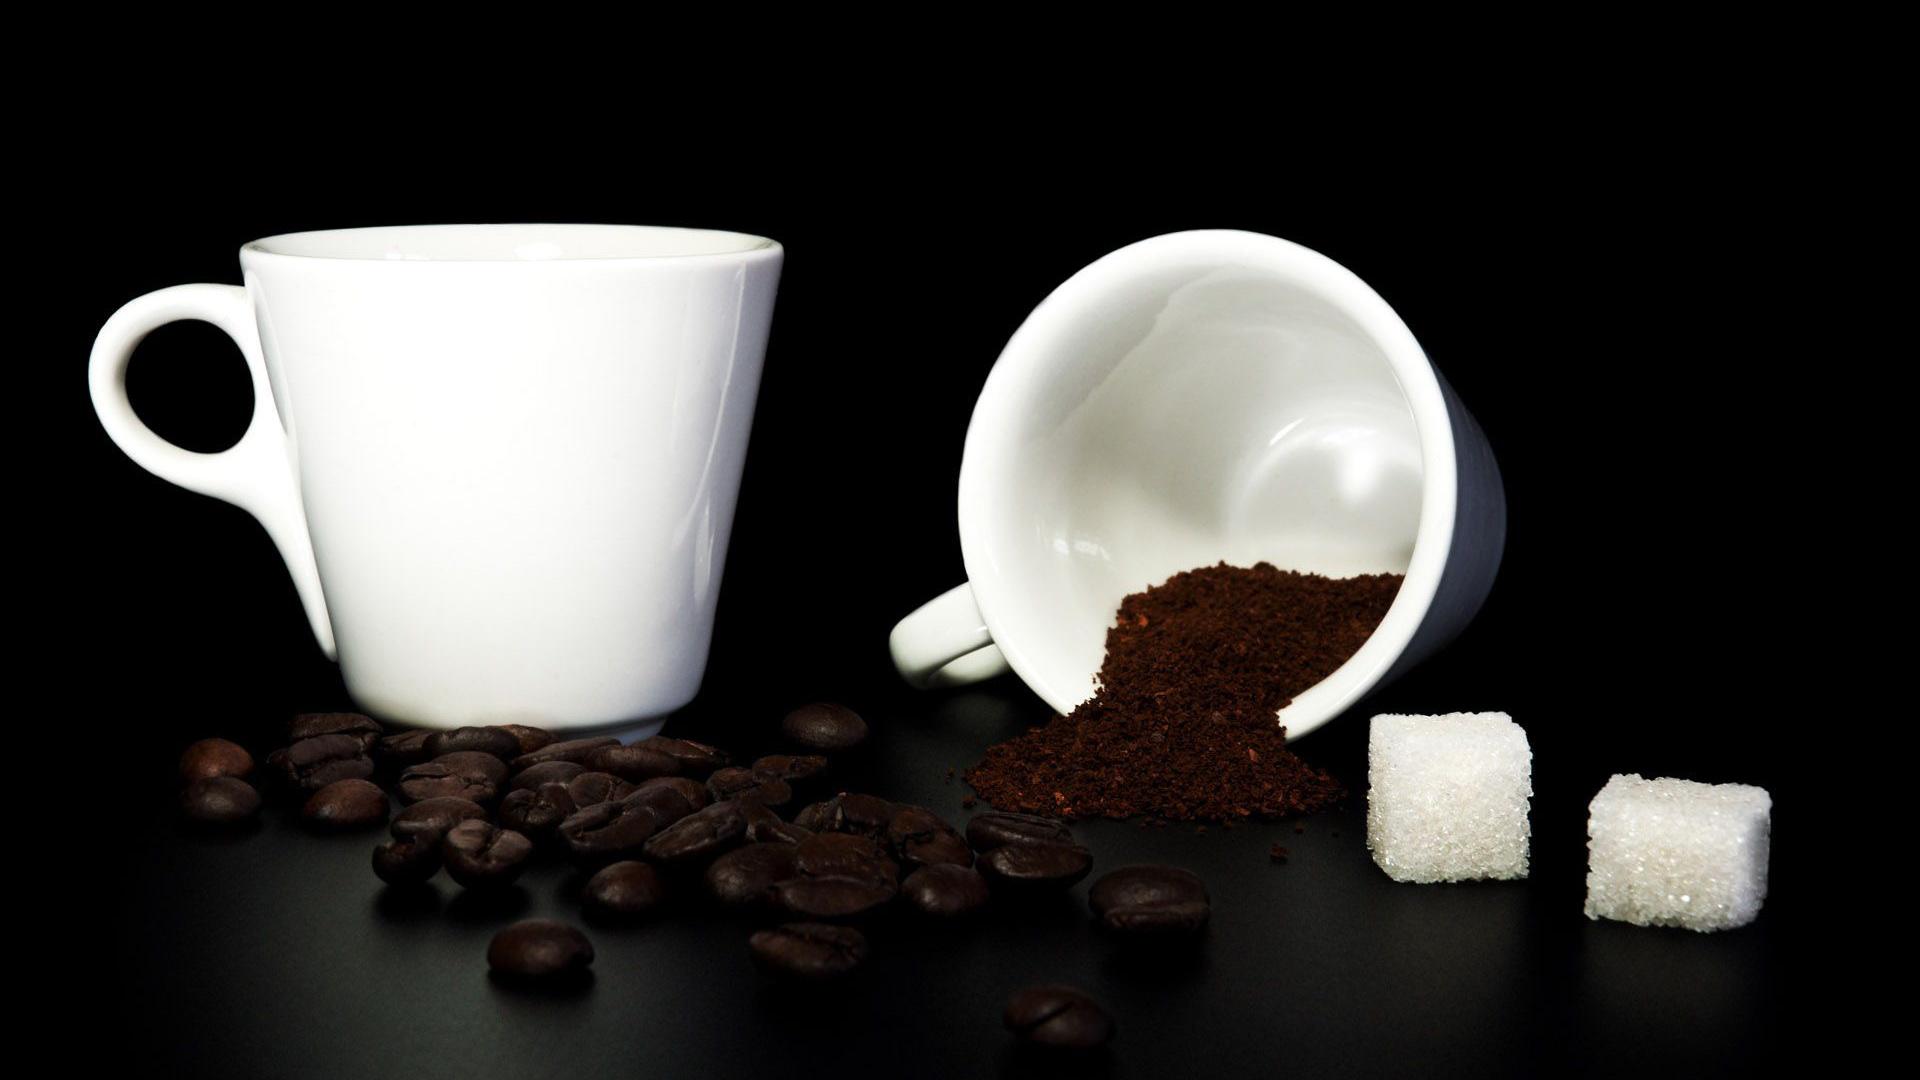 картинки чашек с сахаром телевизора используются для